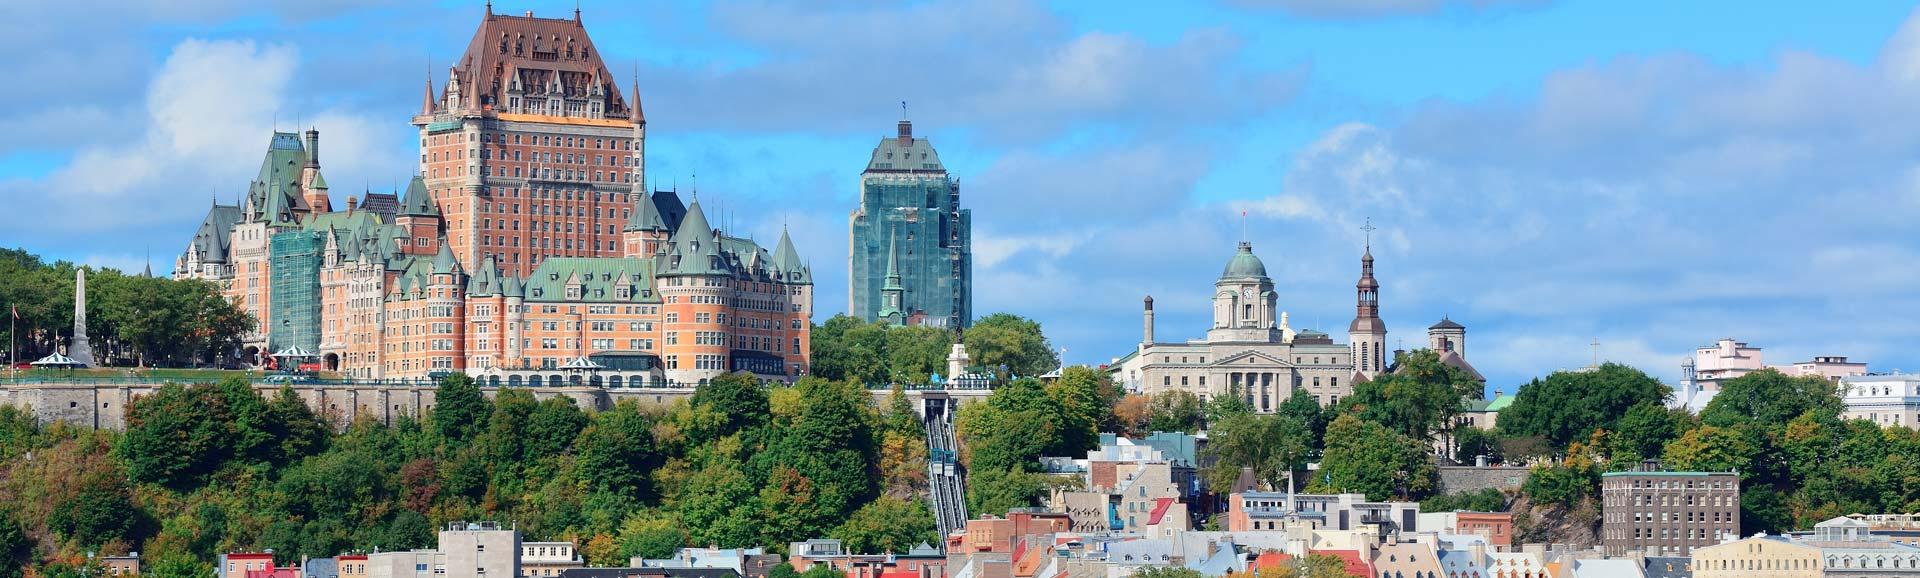 Skyline von Quebec, Kanada.